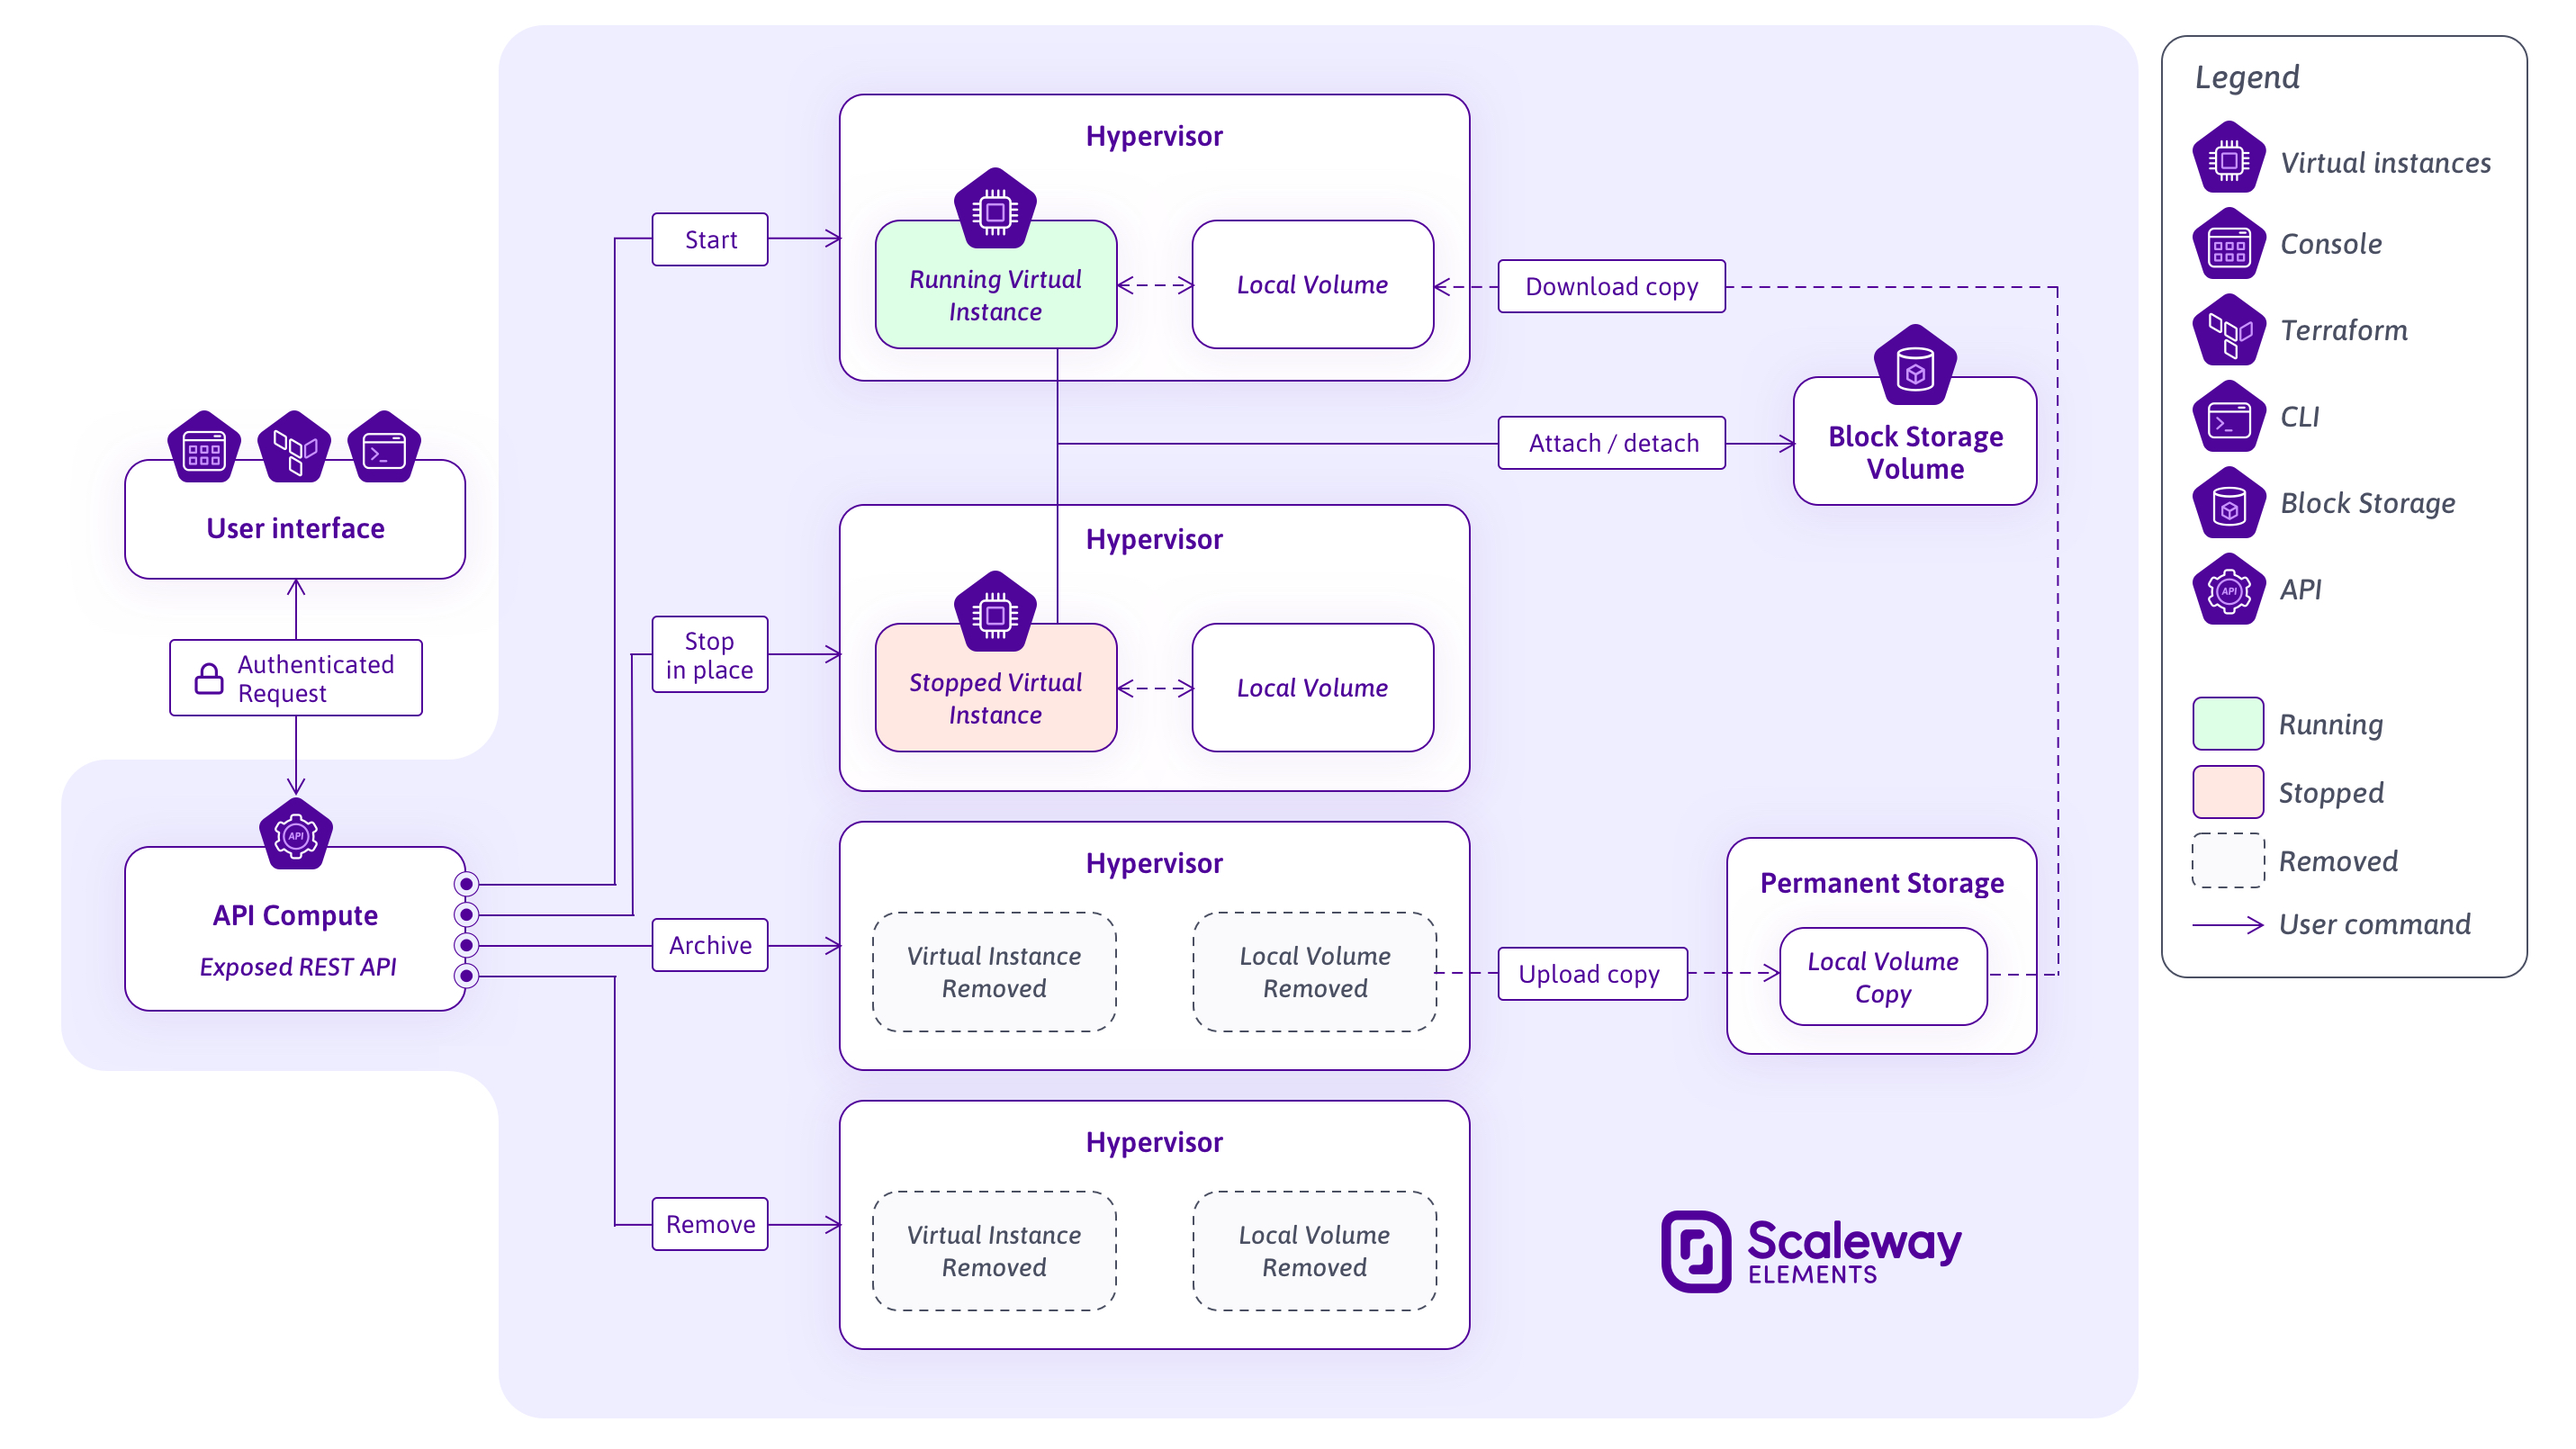 Un schéla expliquant le fonctionnement des instances